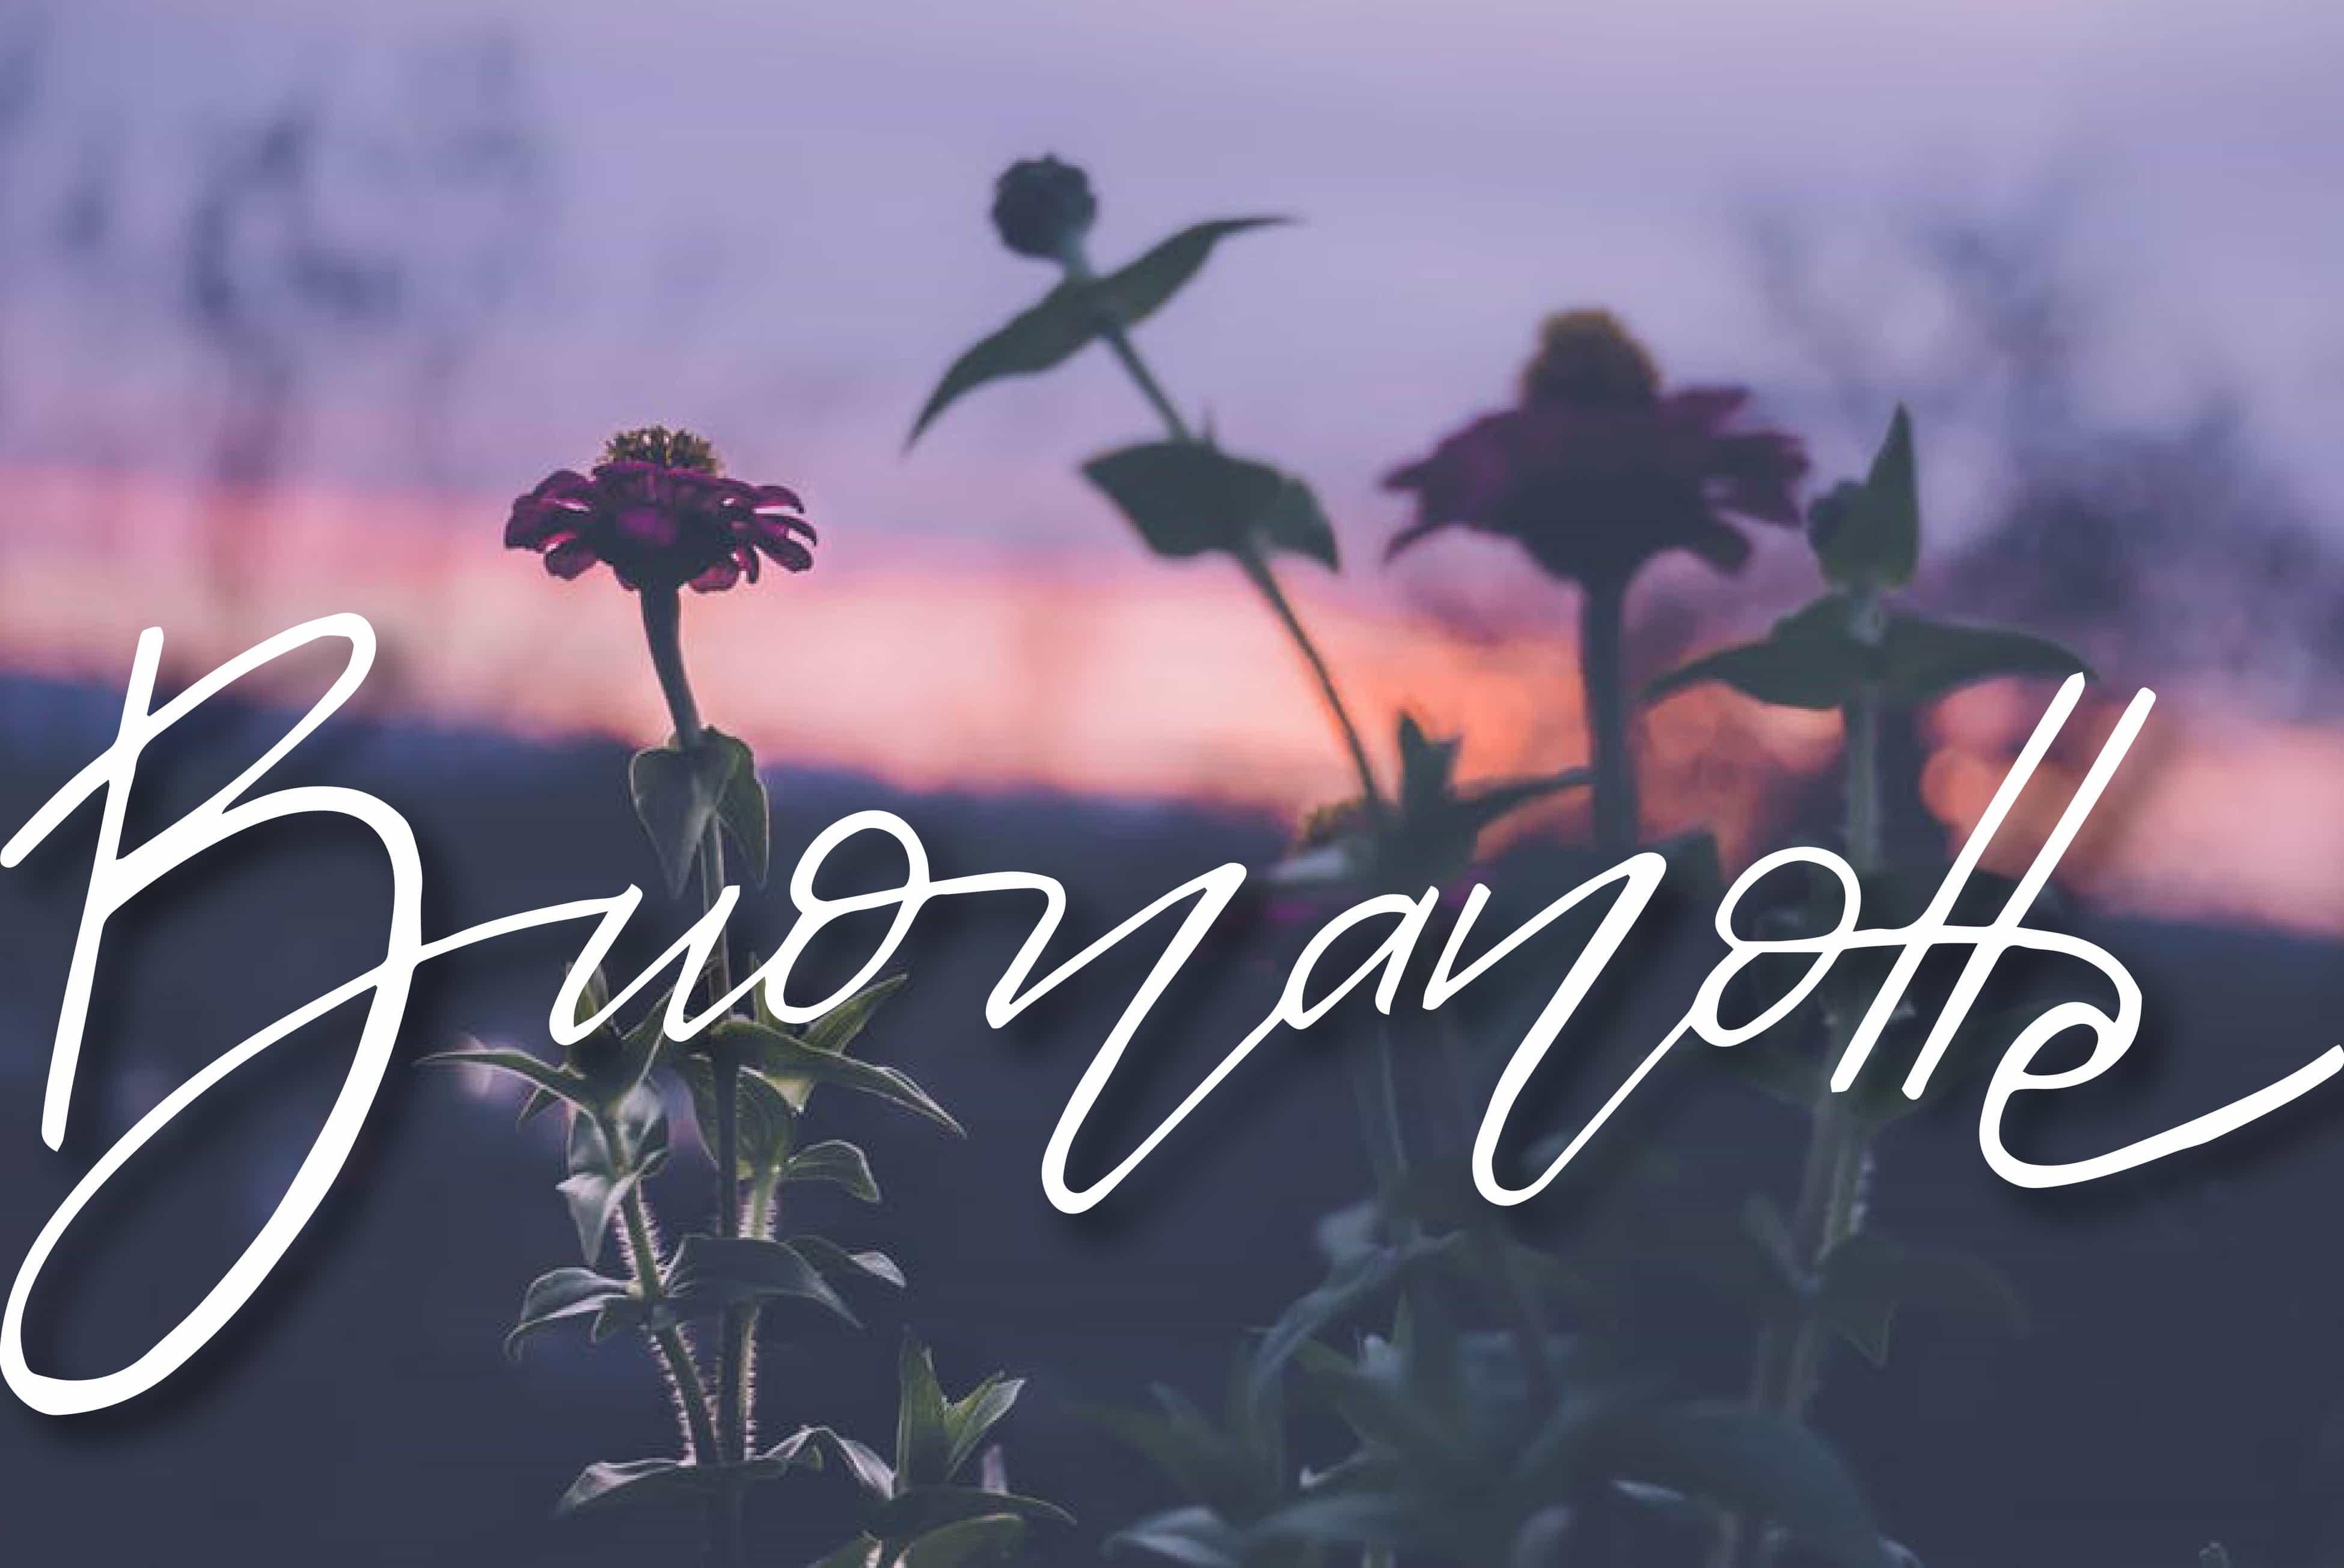 Dolce notte con i fiori foto